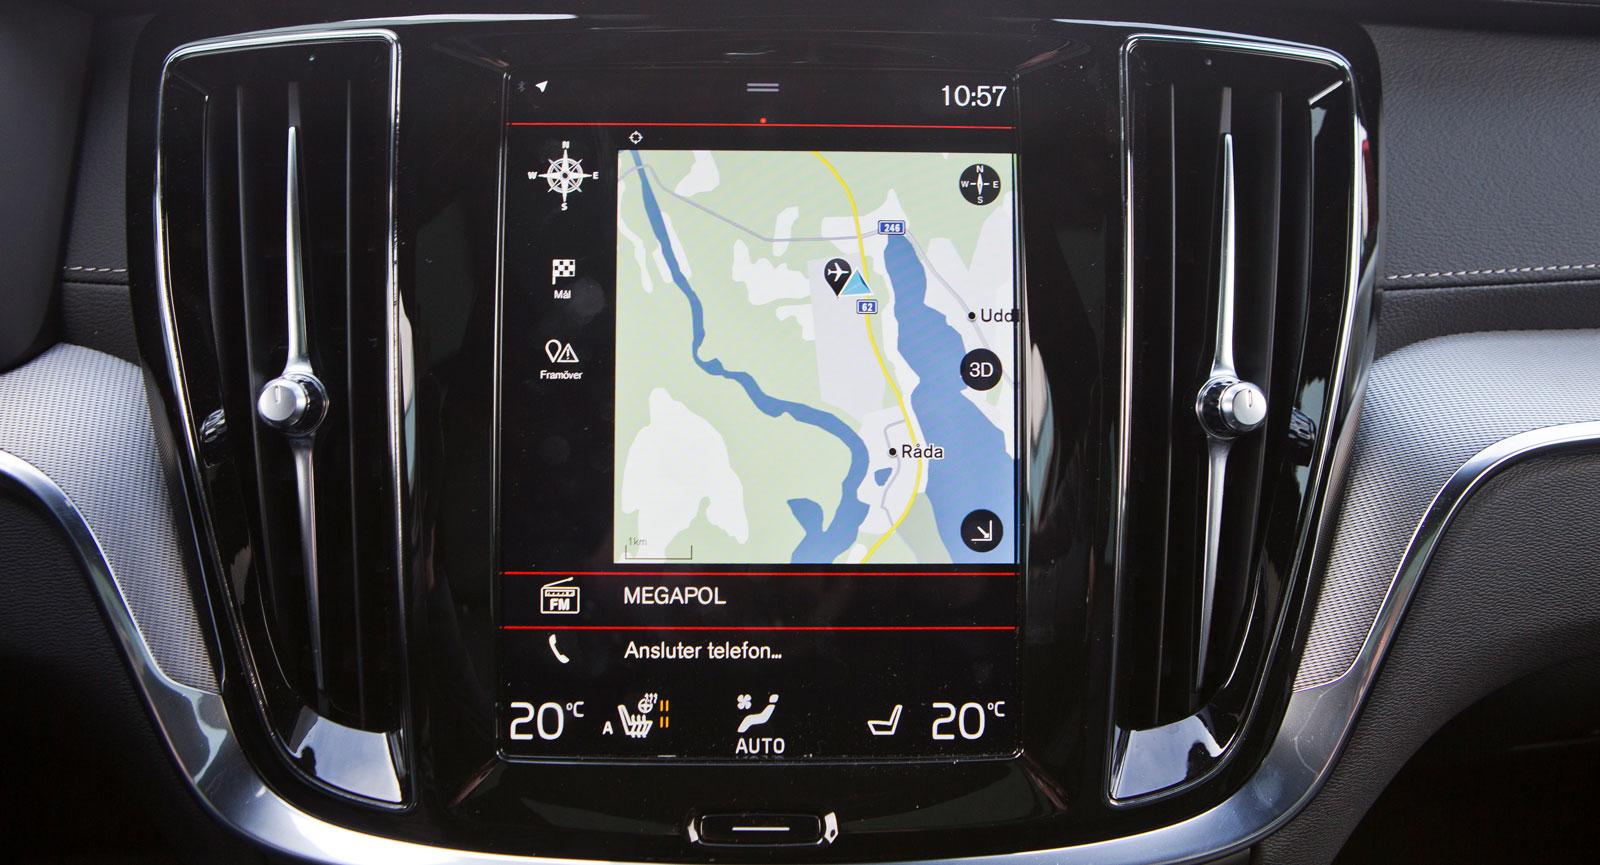 Volvos meny-ordning är annorlunda men fungerar bra när man har vant sig. Bra bildkvalitet och pekfunktion. Under skärmen finns ett stort volymvred.